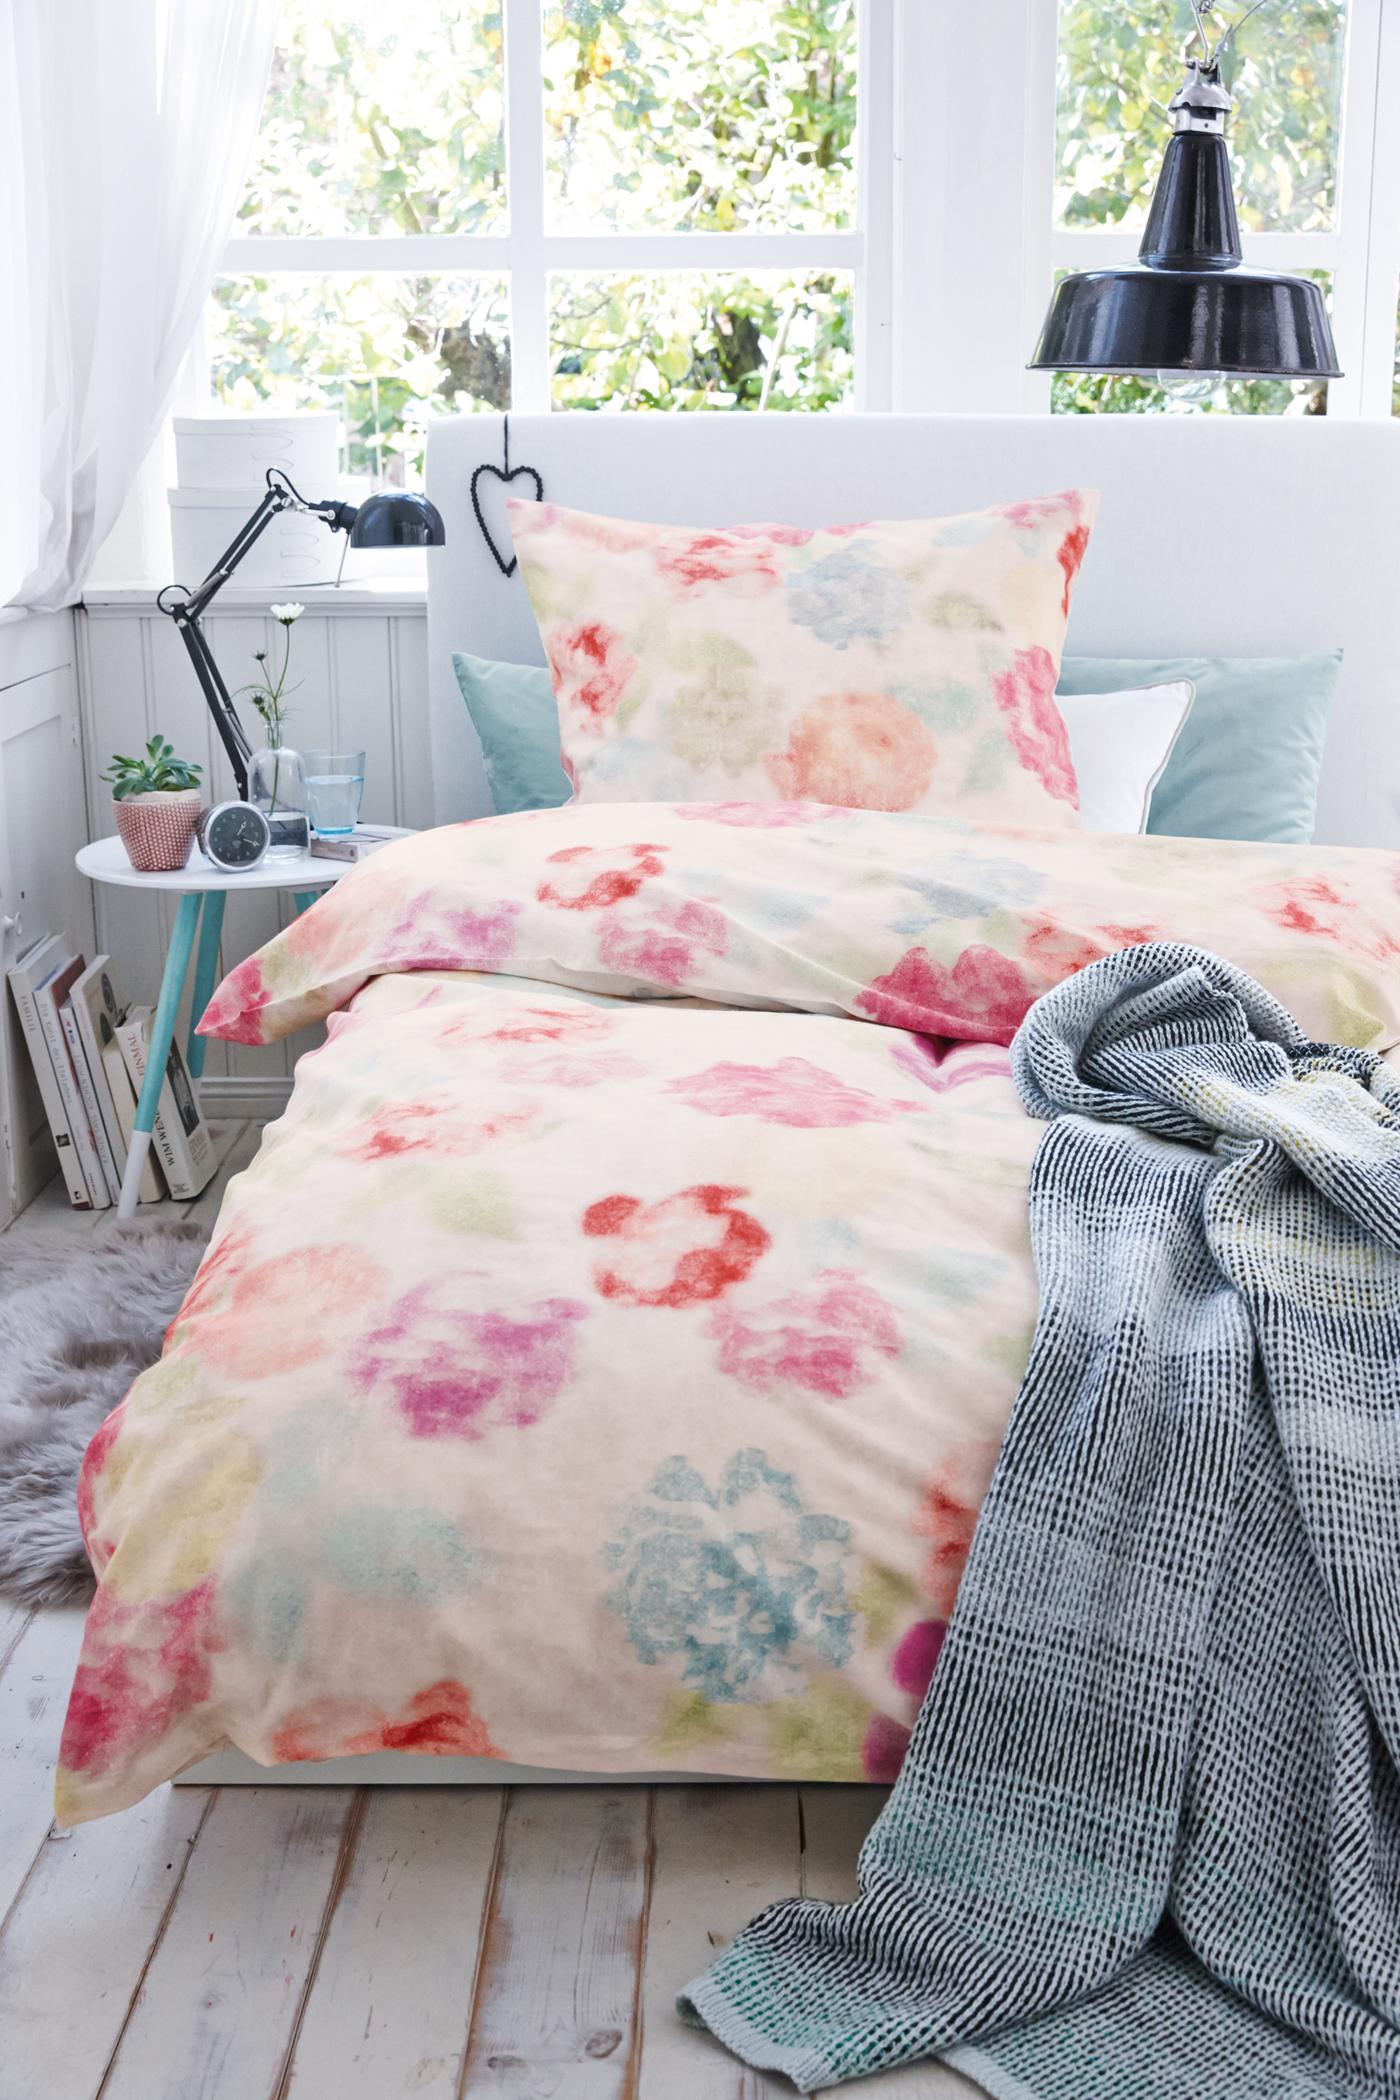 vertr umte bettw sche mit blumenmuster nachttischle. Black Bedroom Furniture Sets. Home Design Ideas